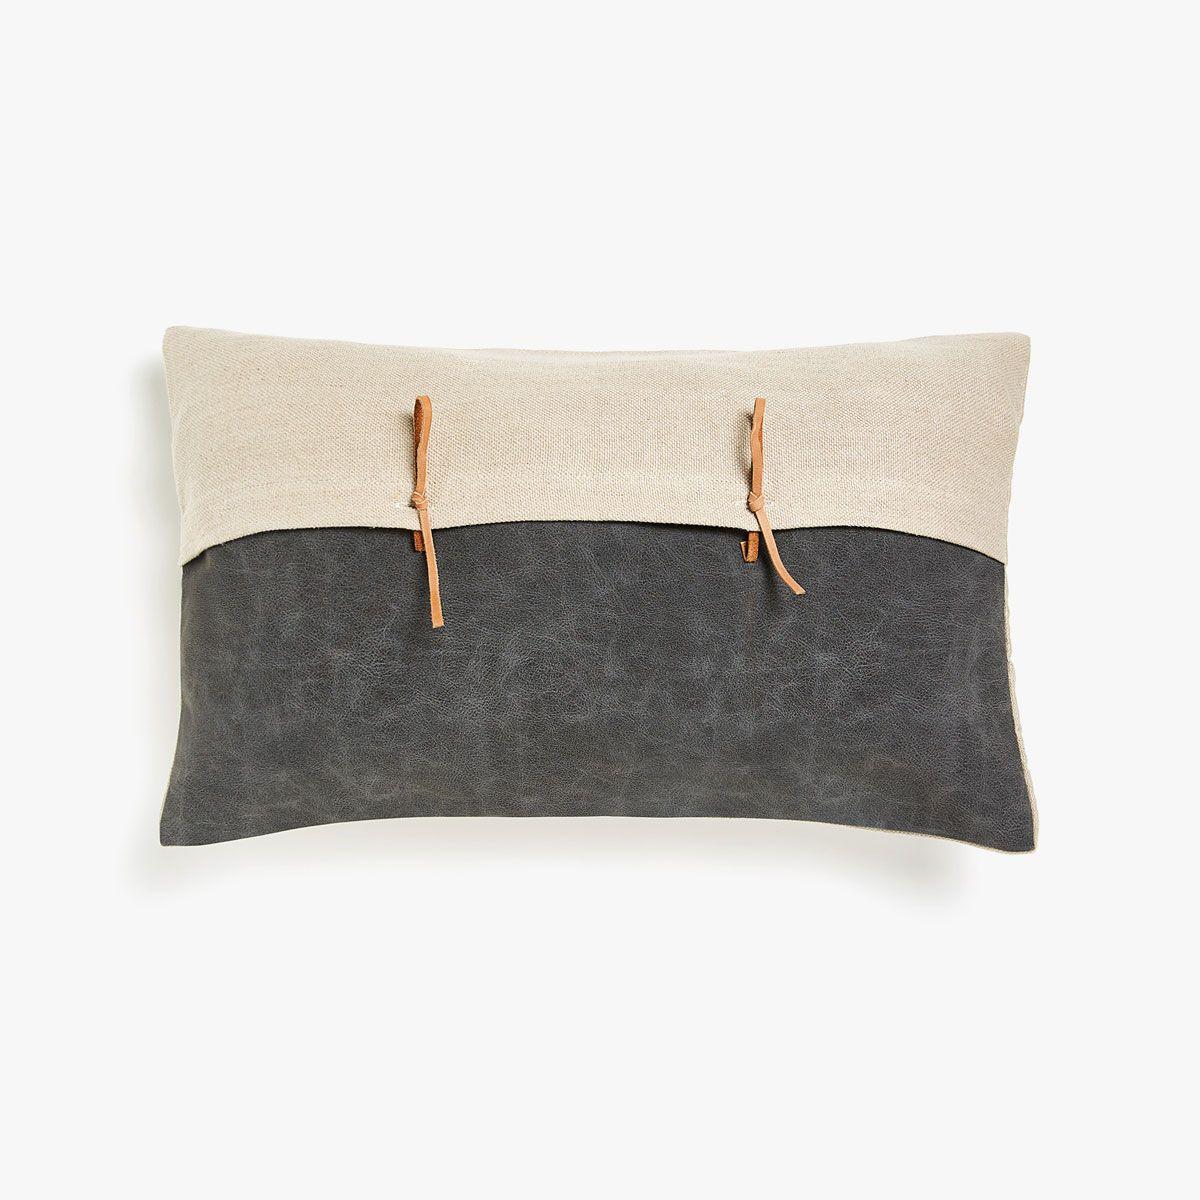 Kdays Burlap Look Light Brown Pillow